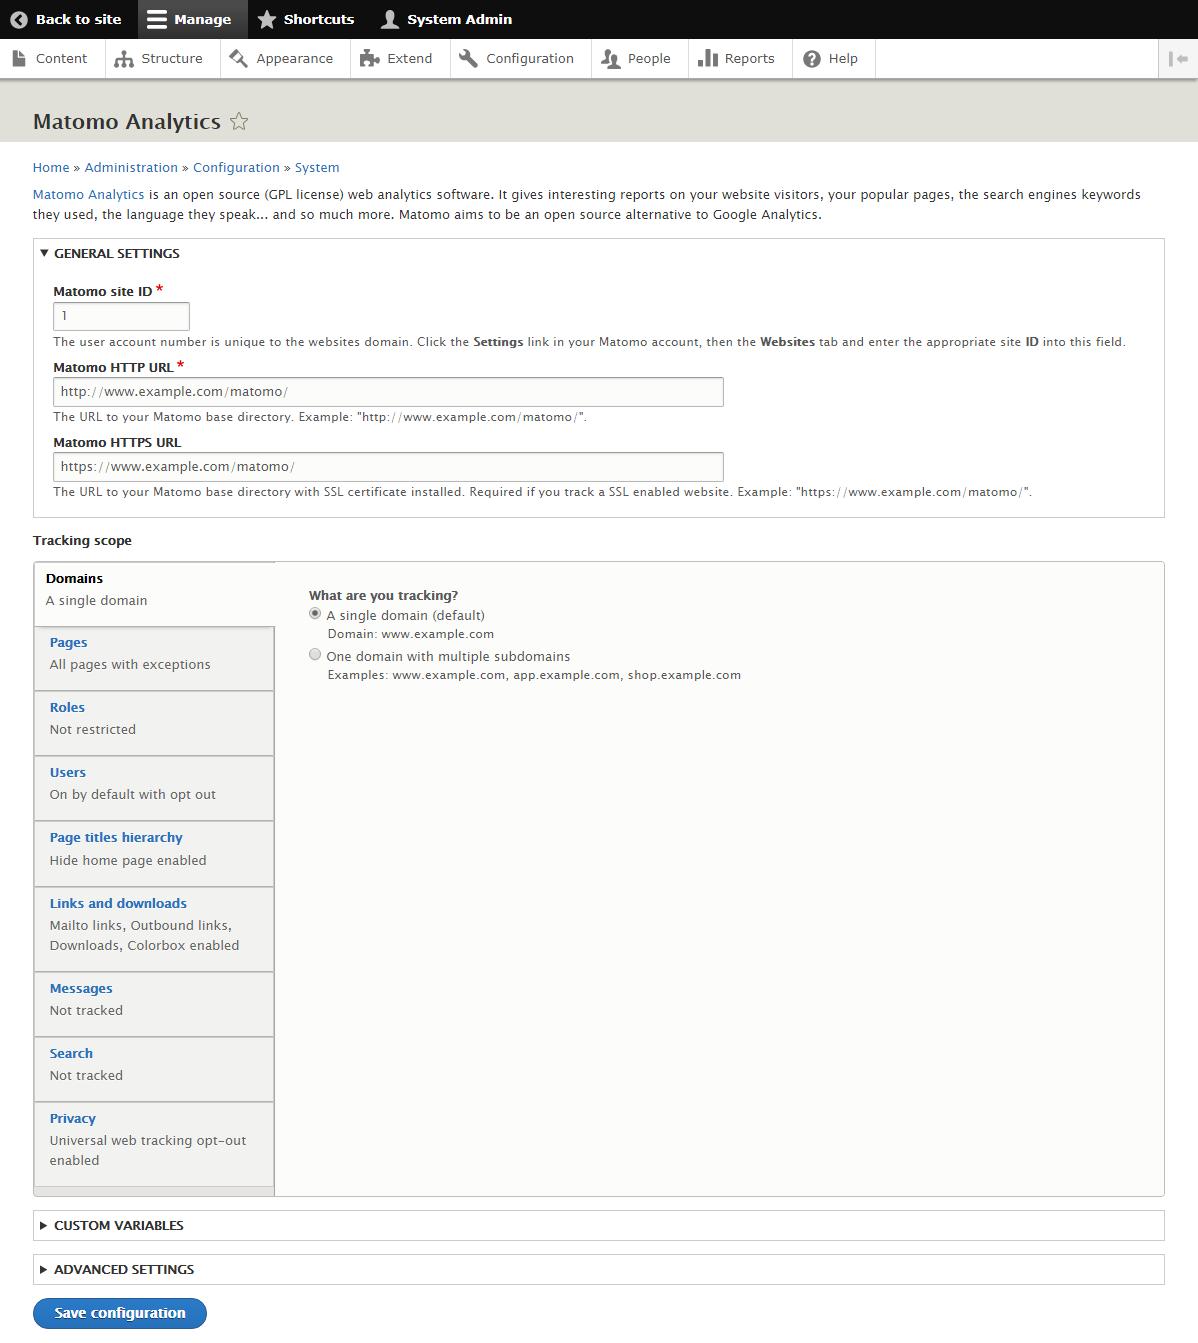 Matomo Analytics | Drupal org